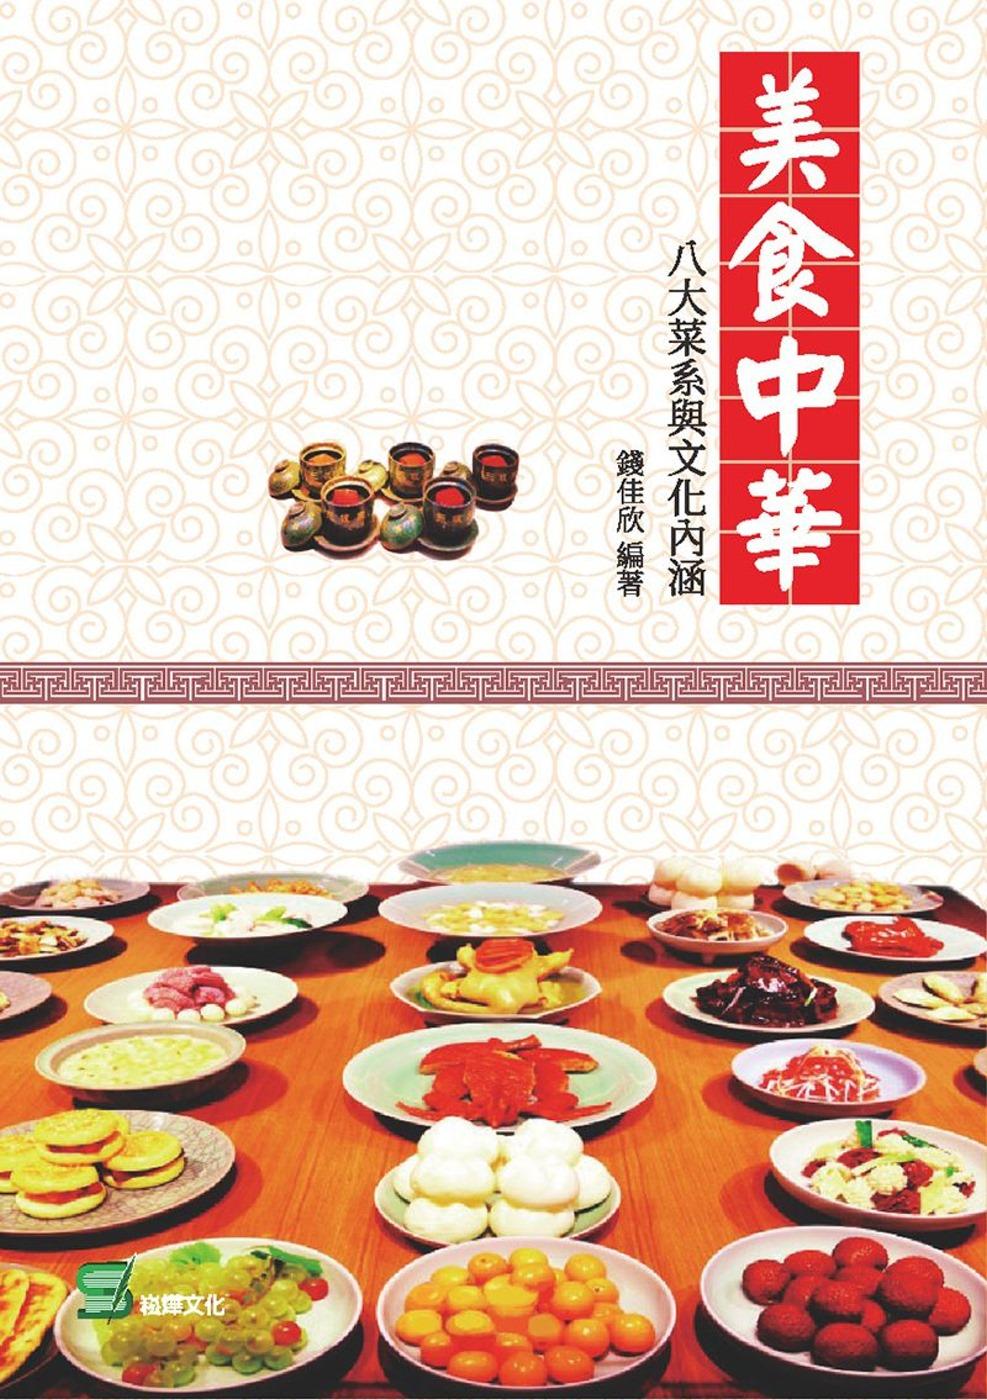 美食中華:八大菜系與文化內涵